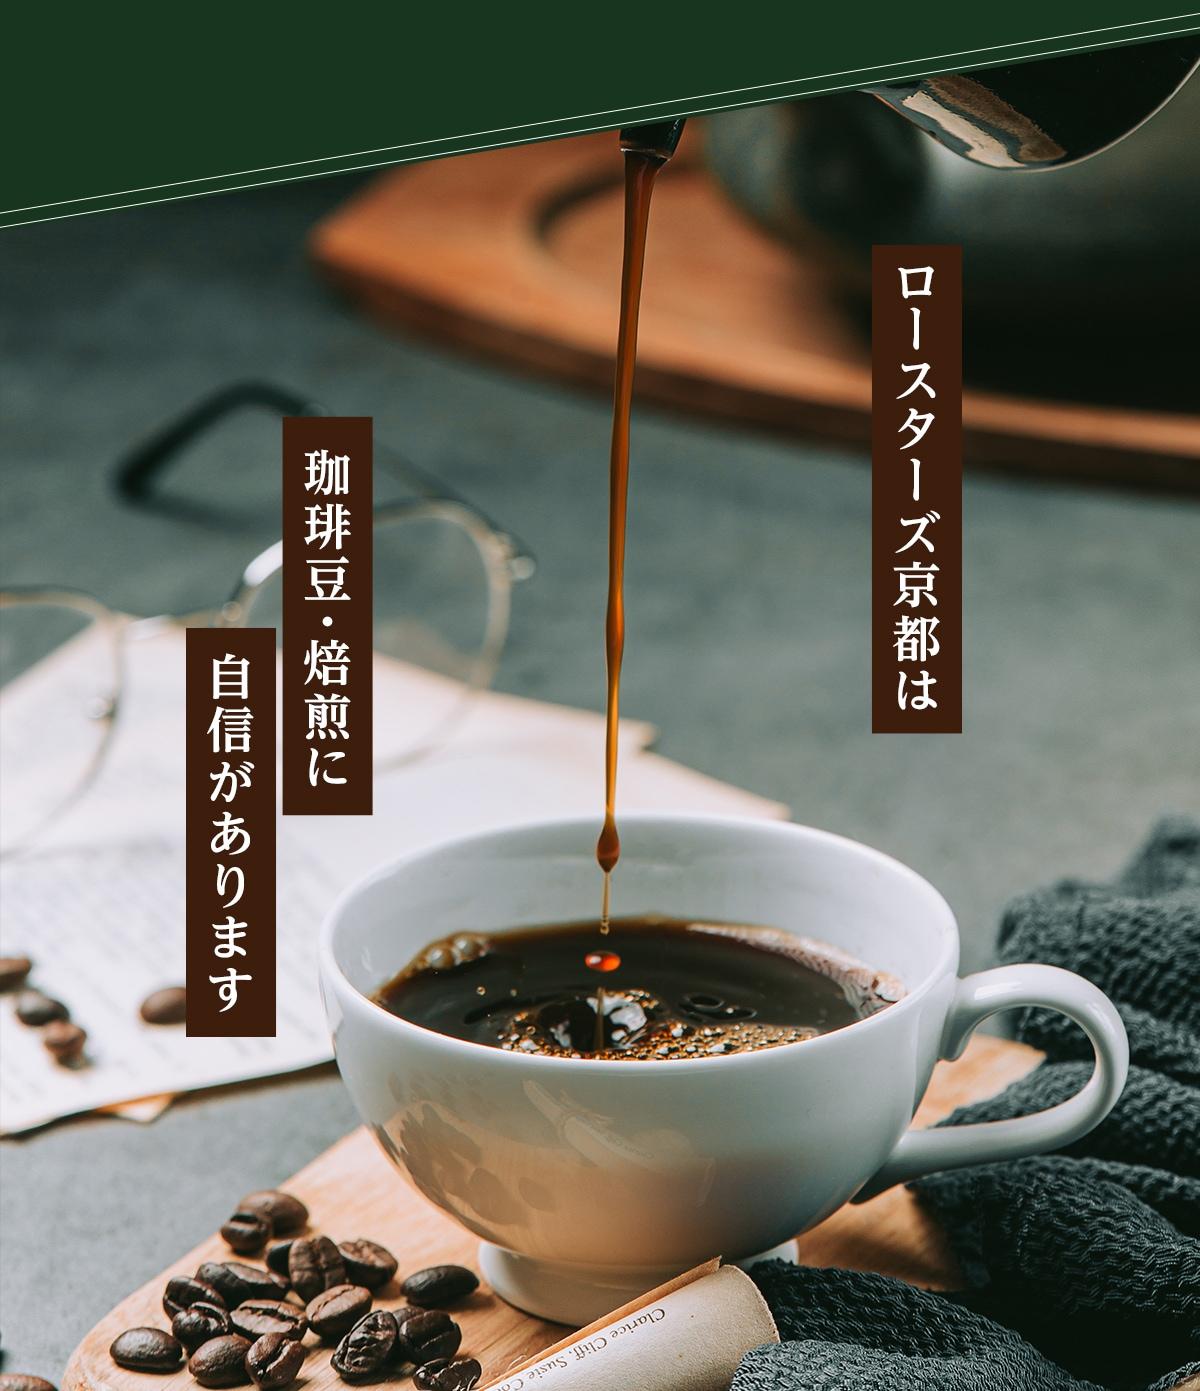 ロースターズ京都は珈琲豆・焙煎に自信があります